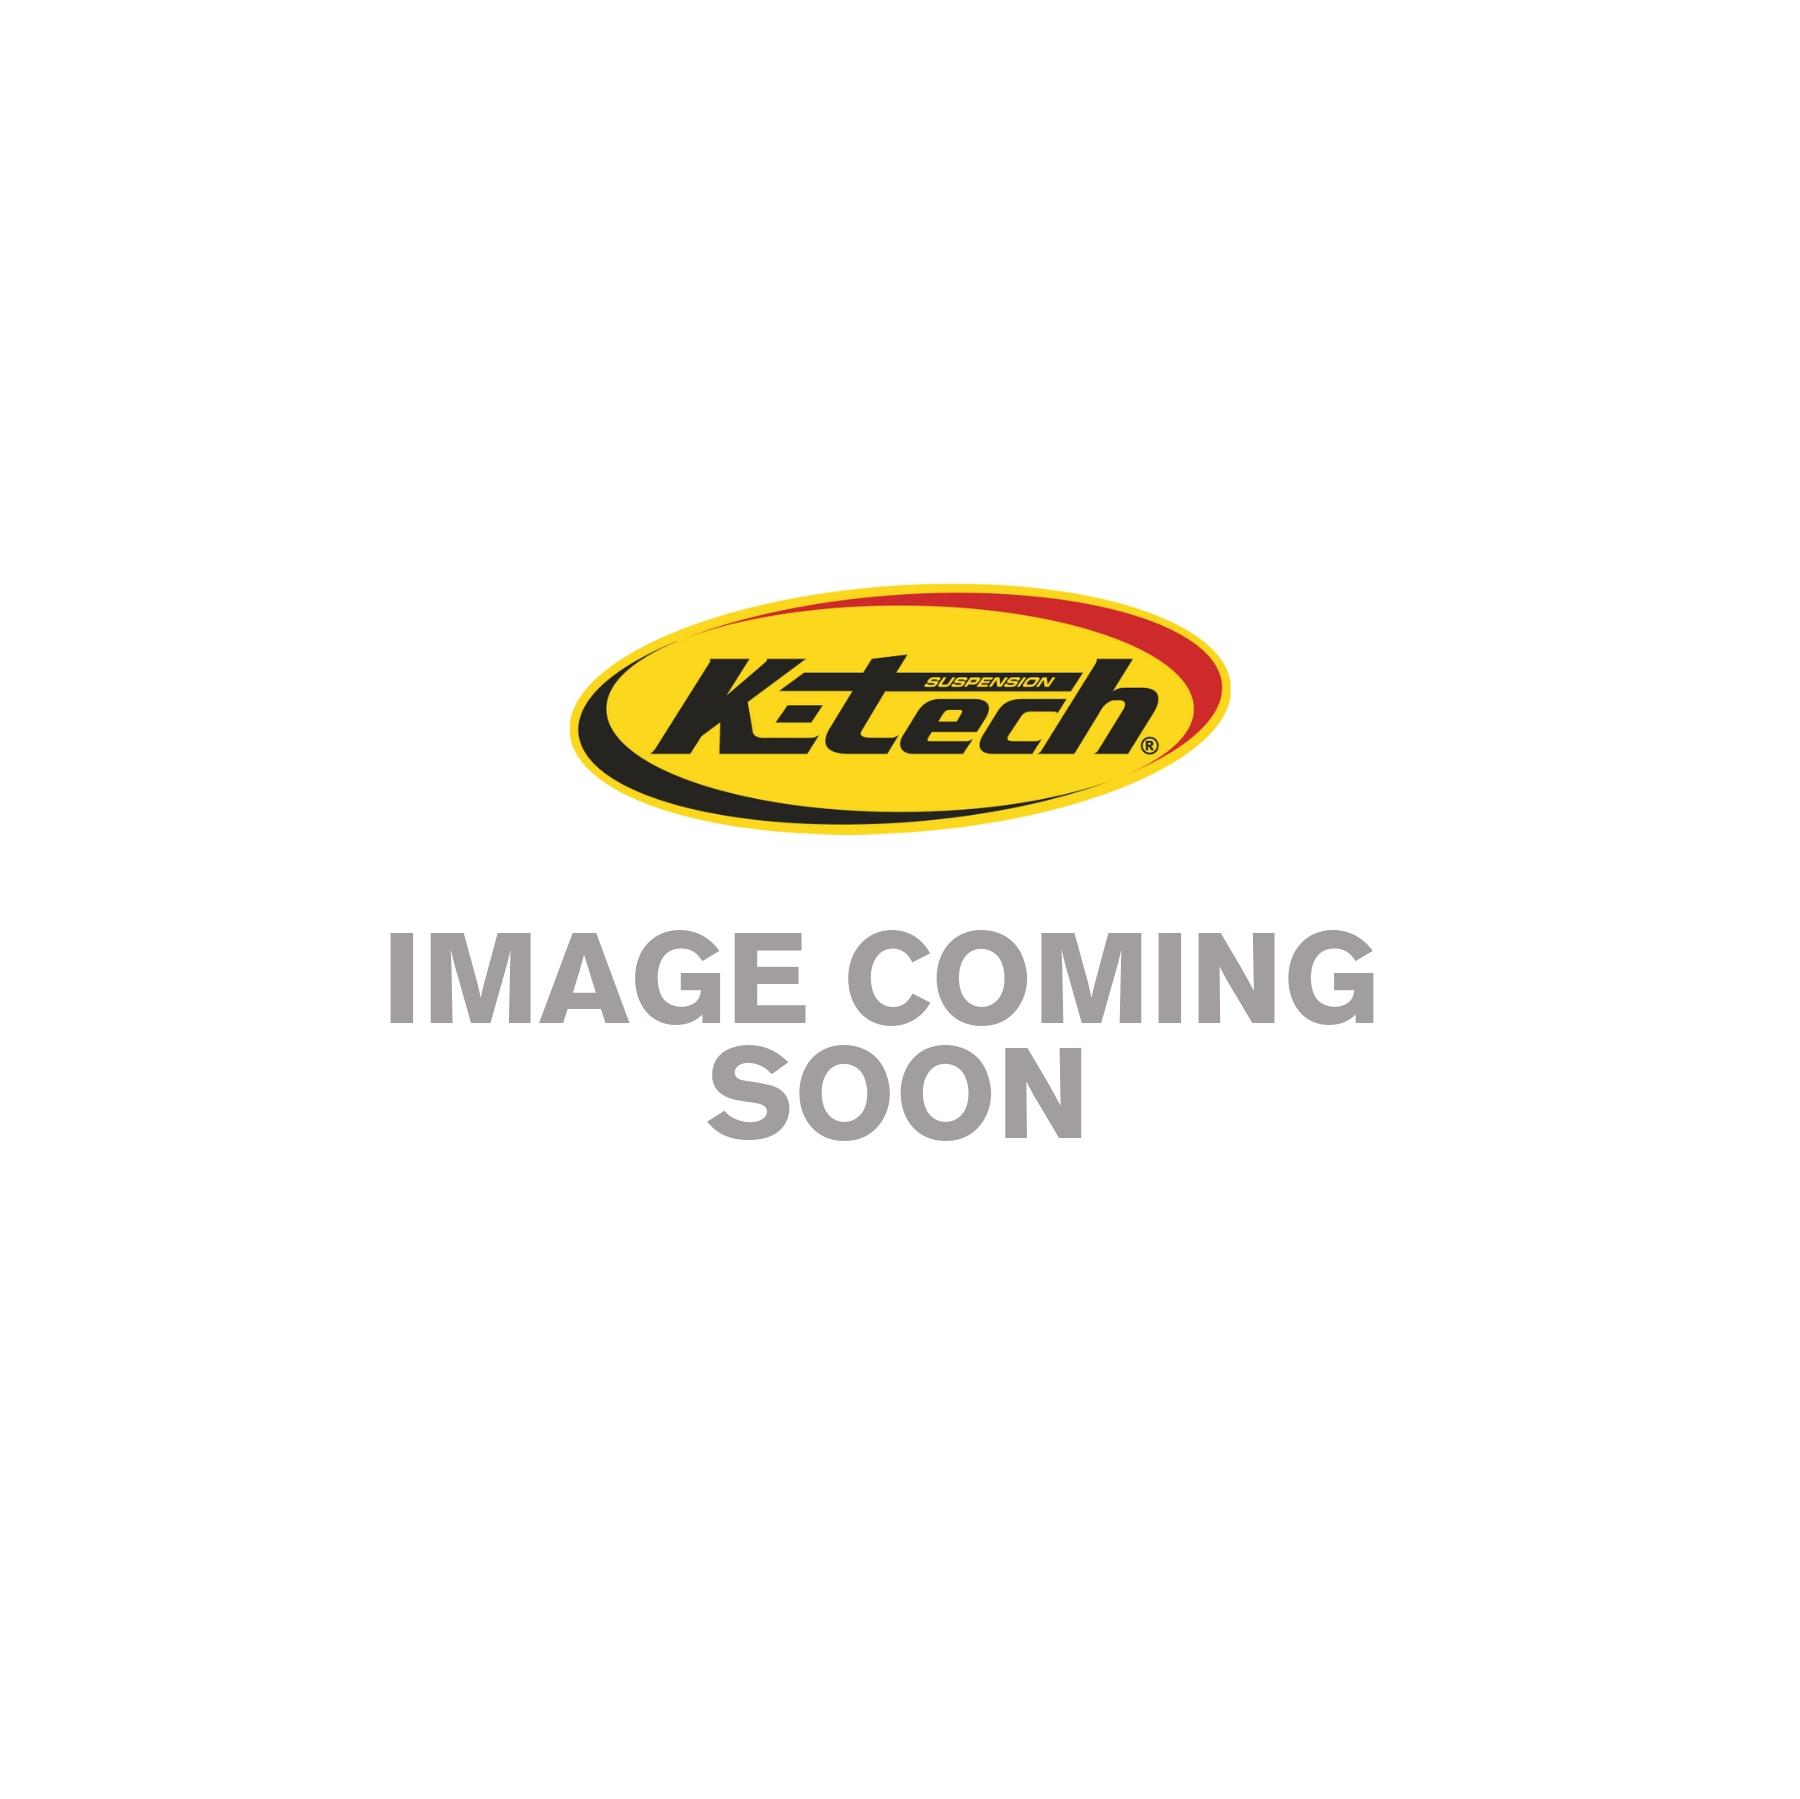 Tool - Shock Absorber Compression Valve Socket -Showa 19mm